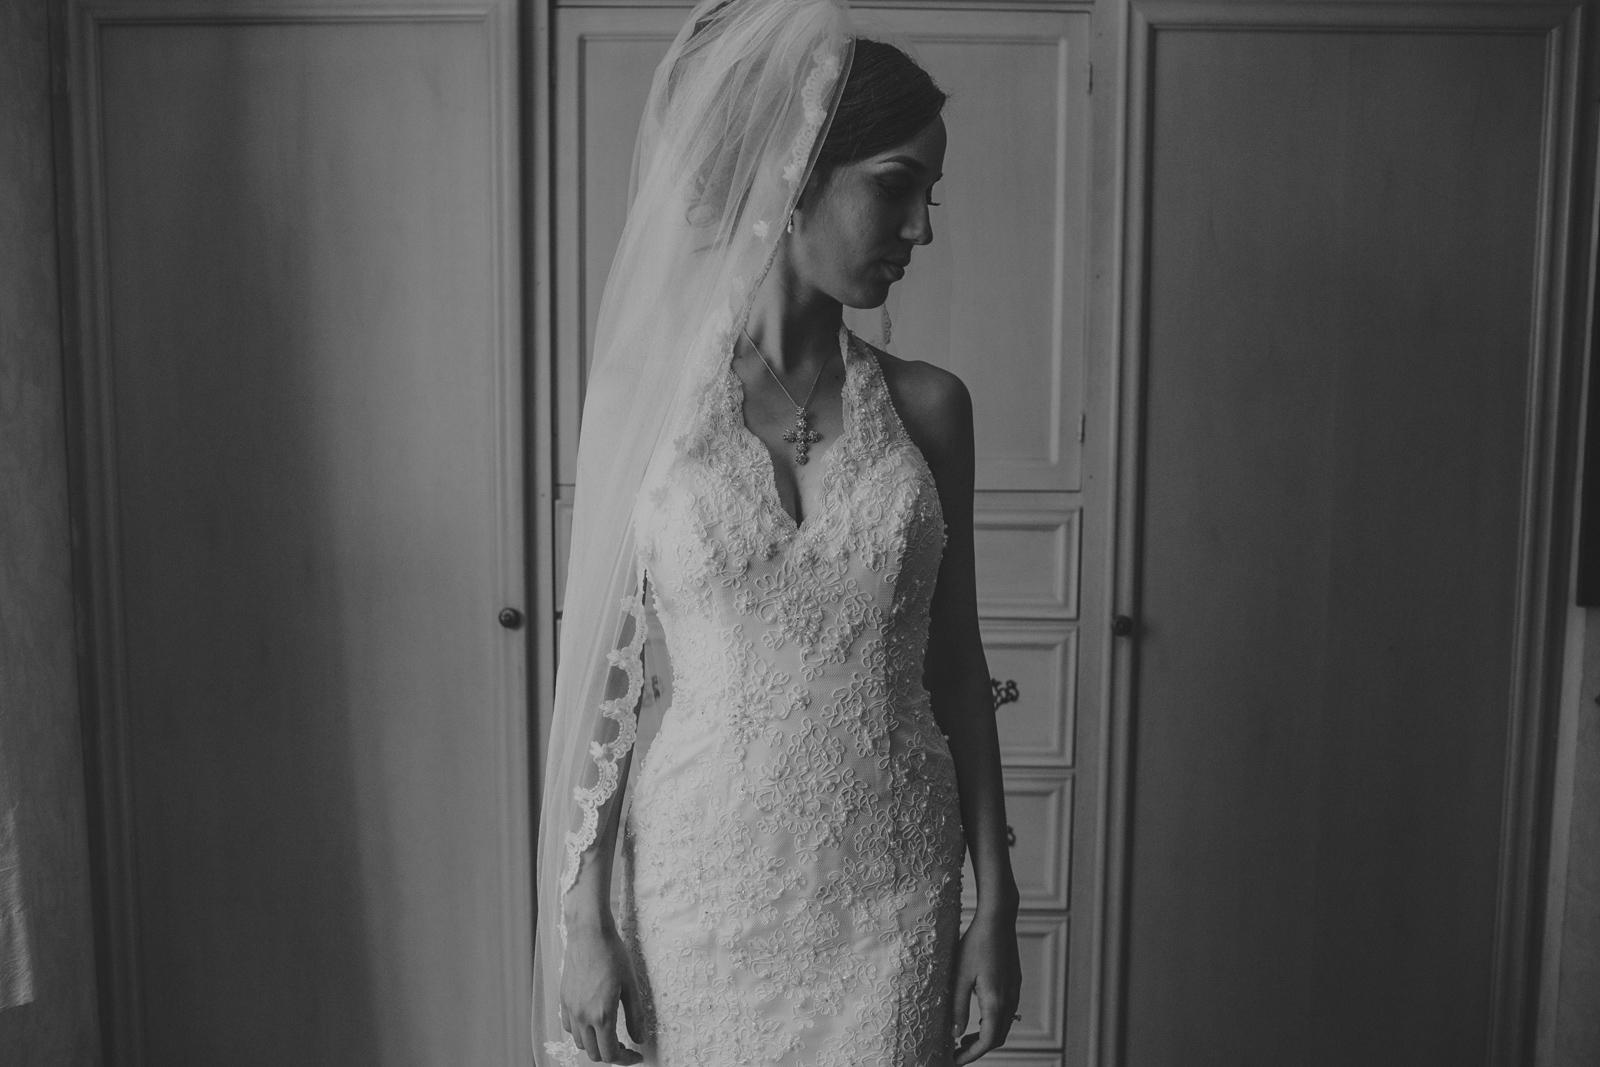 armando-aragon-fotografo-de-bodas-008